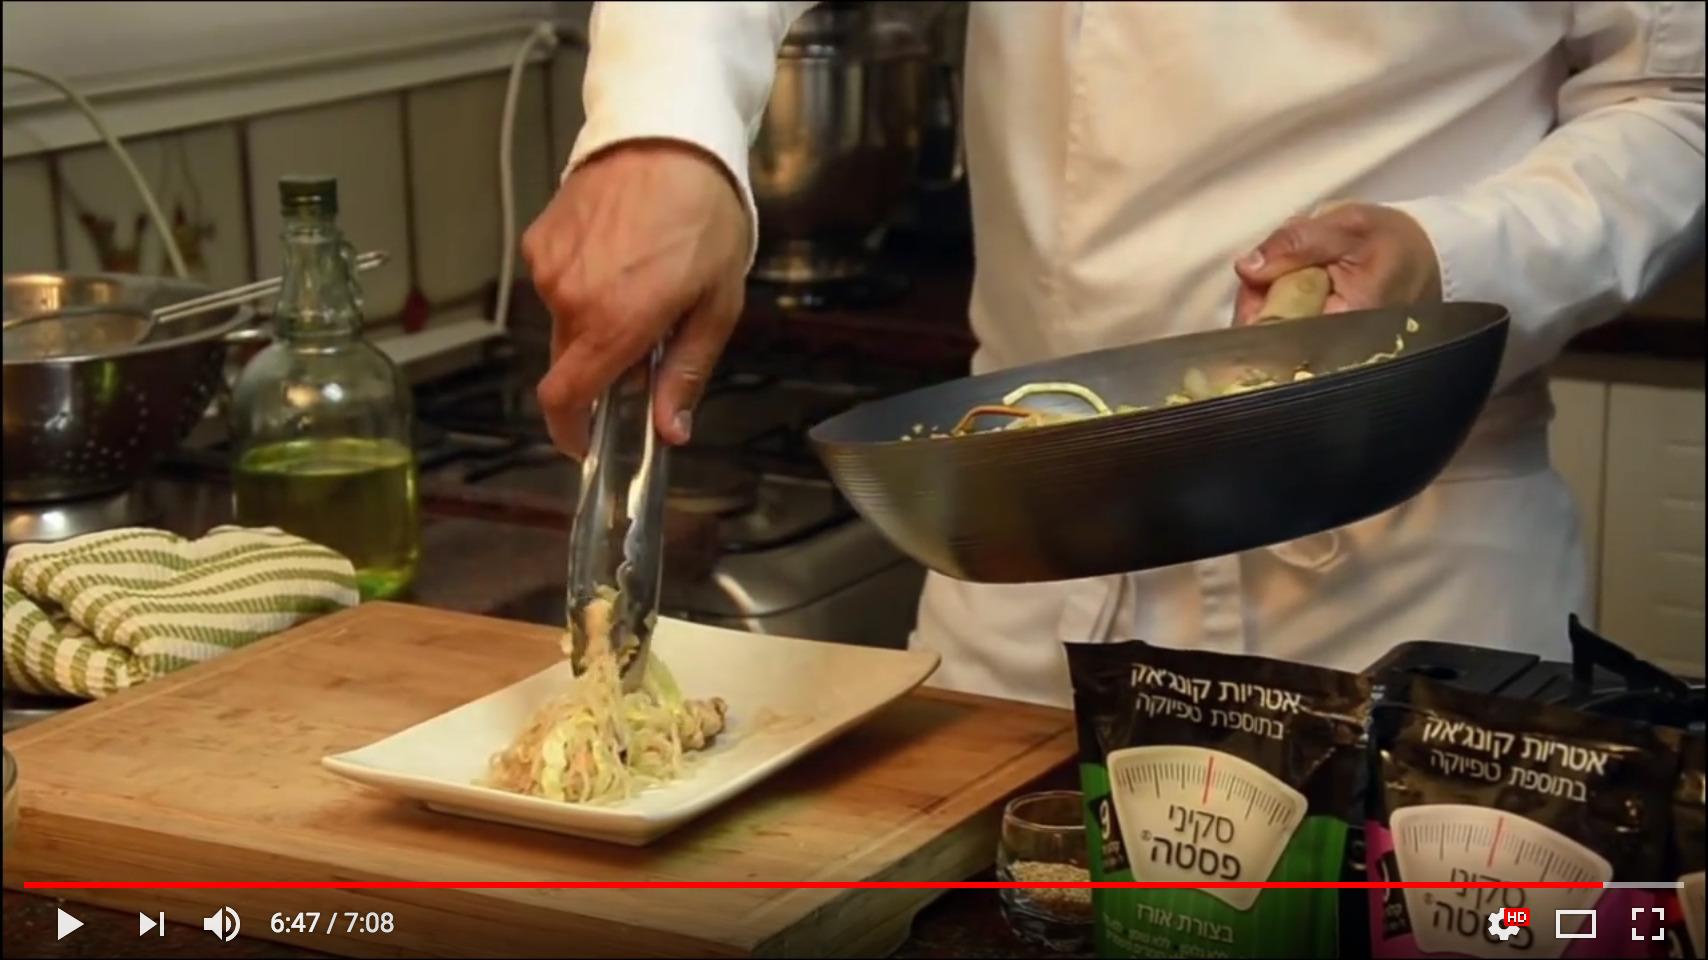 Screenshot-2018-3-7 (31) פינת הבישול של אברהמסון לחיים בריאים יותר (פרק 7) – YouTube(1)